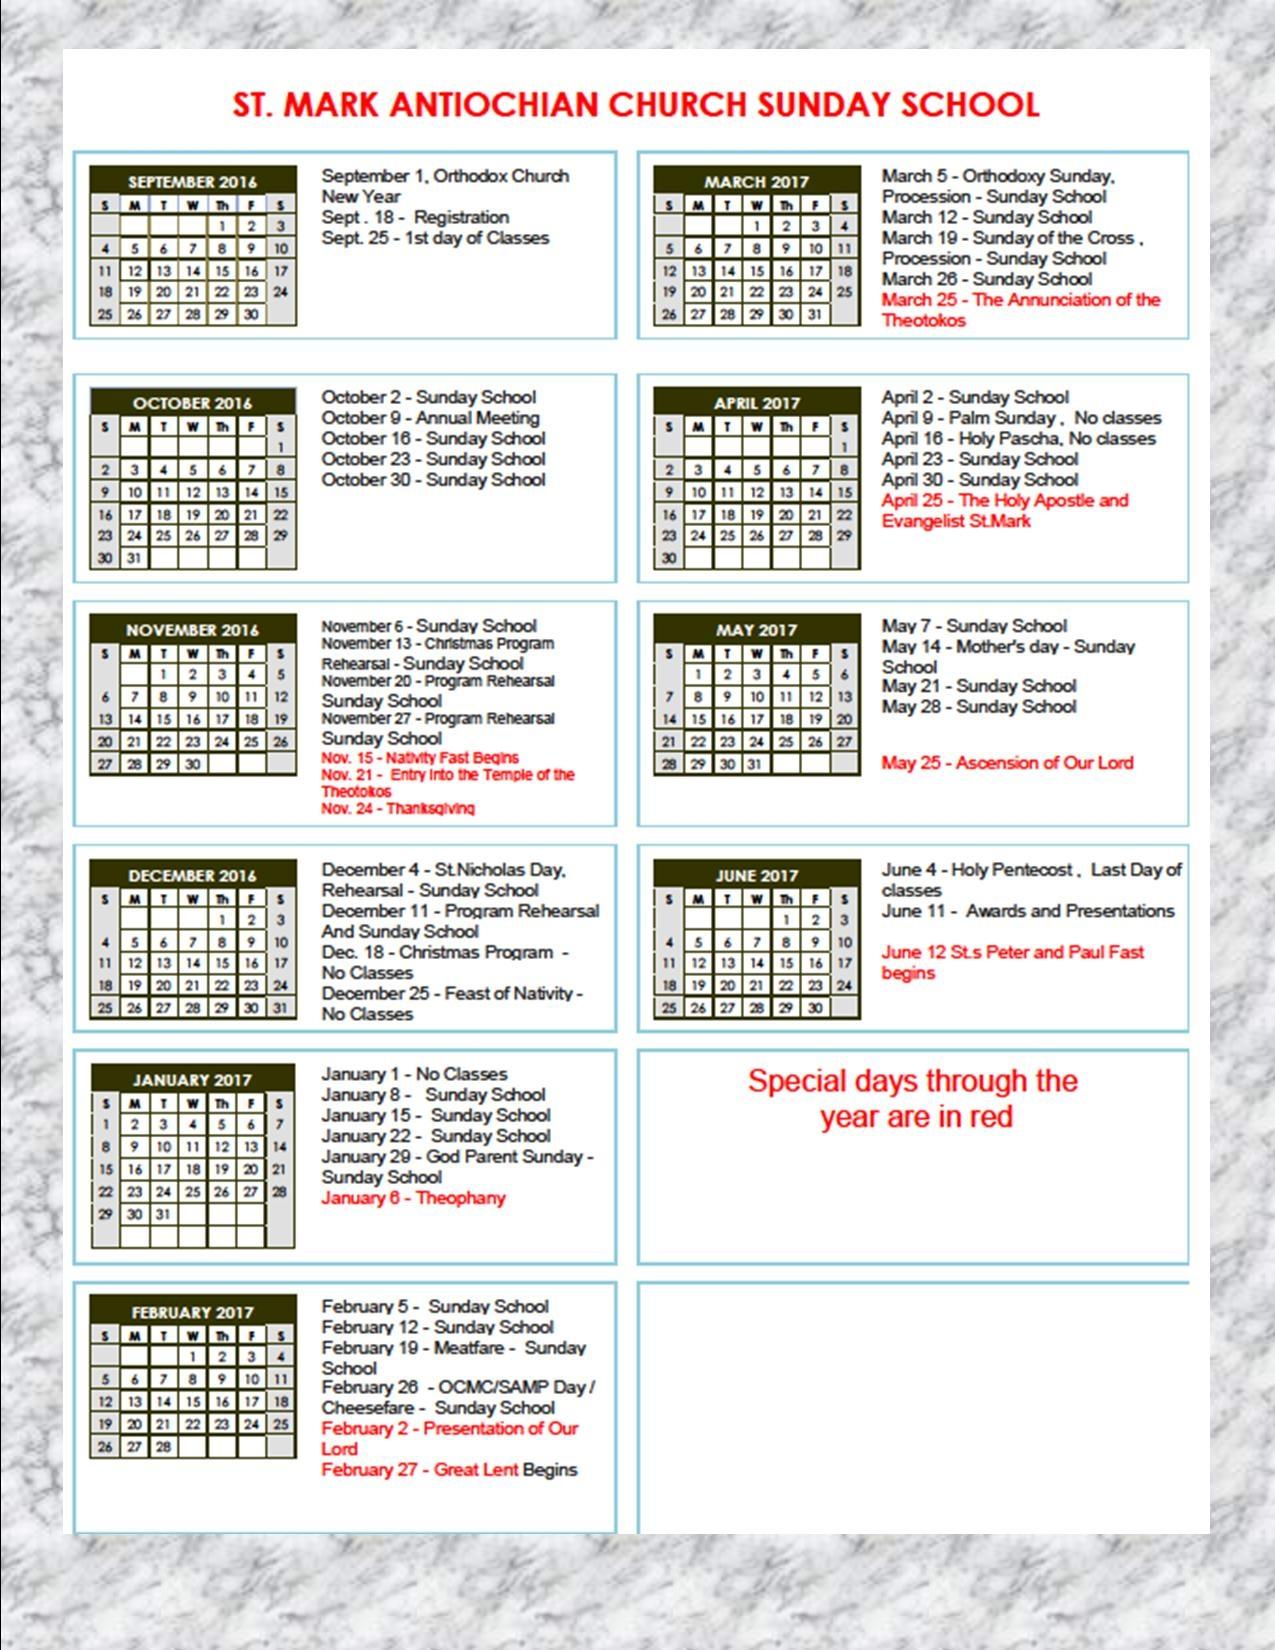 Russian Orthodox Fasting Calendar Sunday School Calendar 2016 20173abry